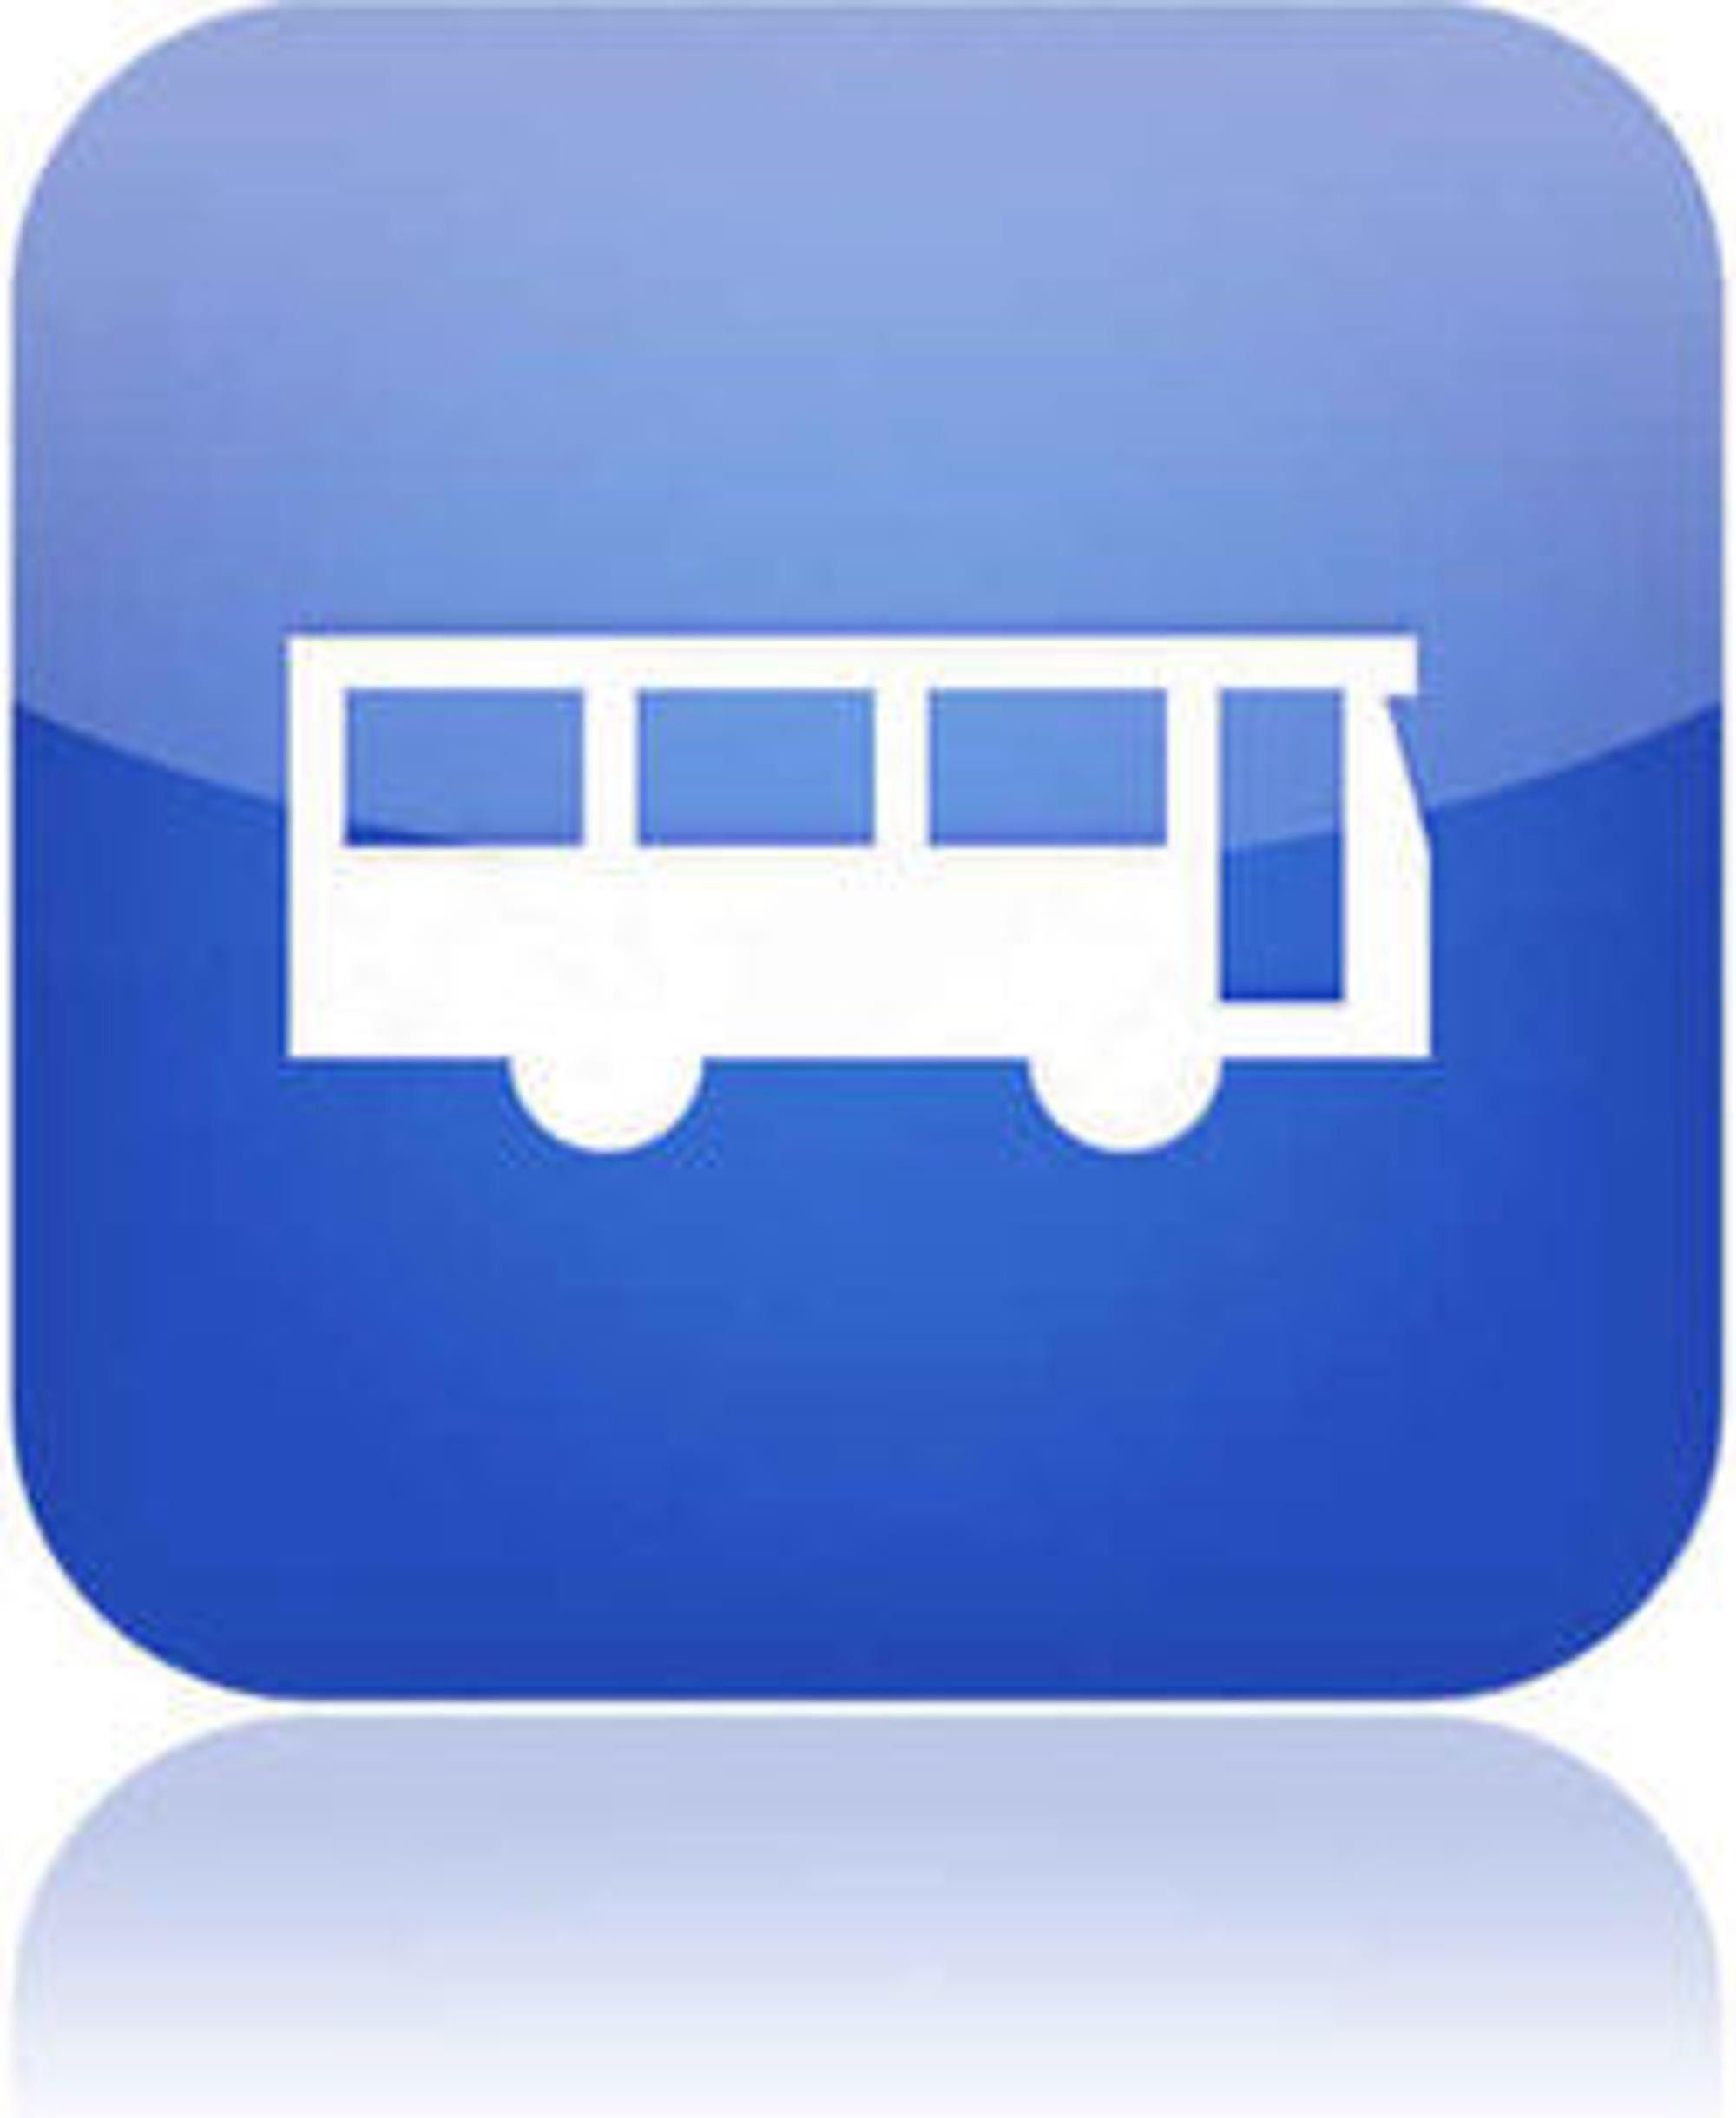 Shortcut håper programmet blir tilgjengelig i App Store allerede denne uken eller neste.